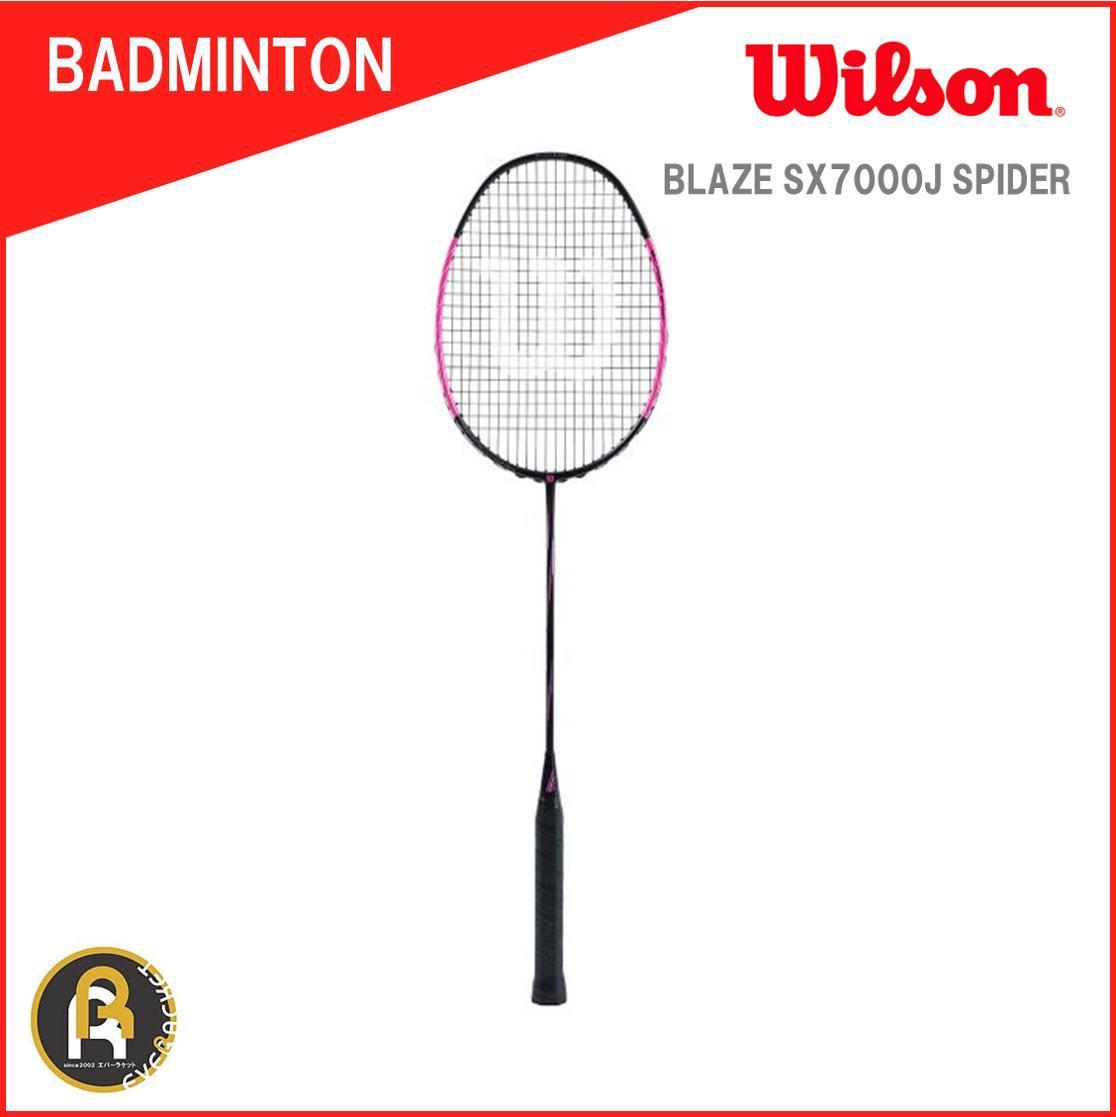 ウイルソン Wilson バドミントン ラケット バドミントンラケット ガット代 張り上げ代無料 BLAZE SX7000 SPIDER ブレイズSX7000スパイダー WRT8830202